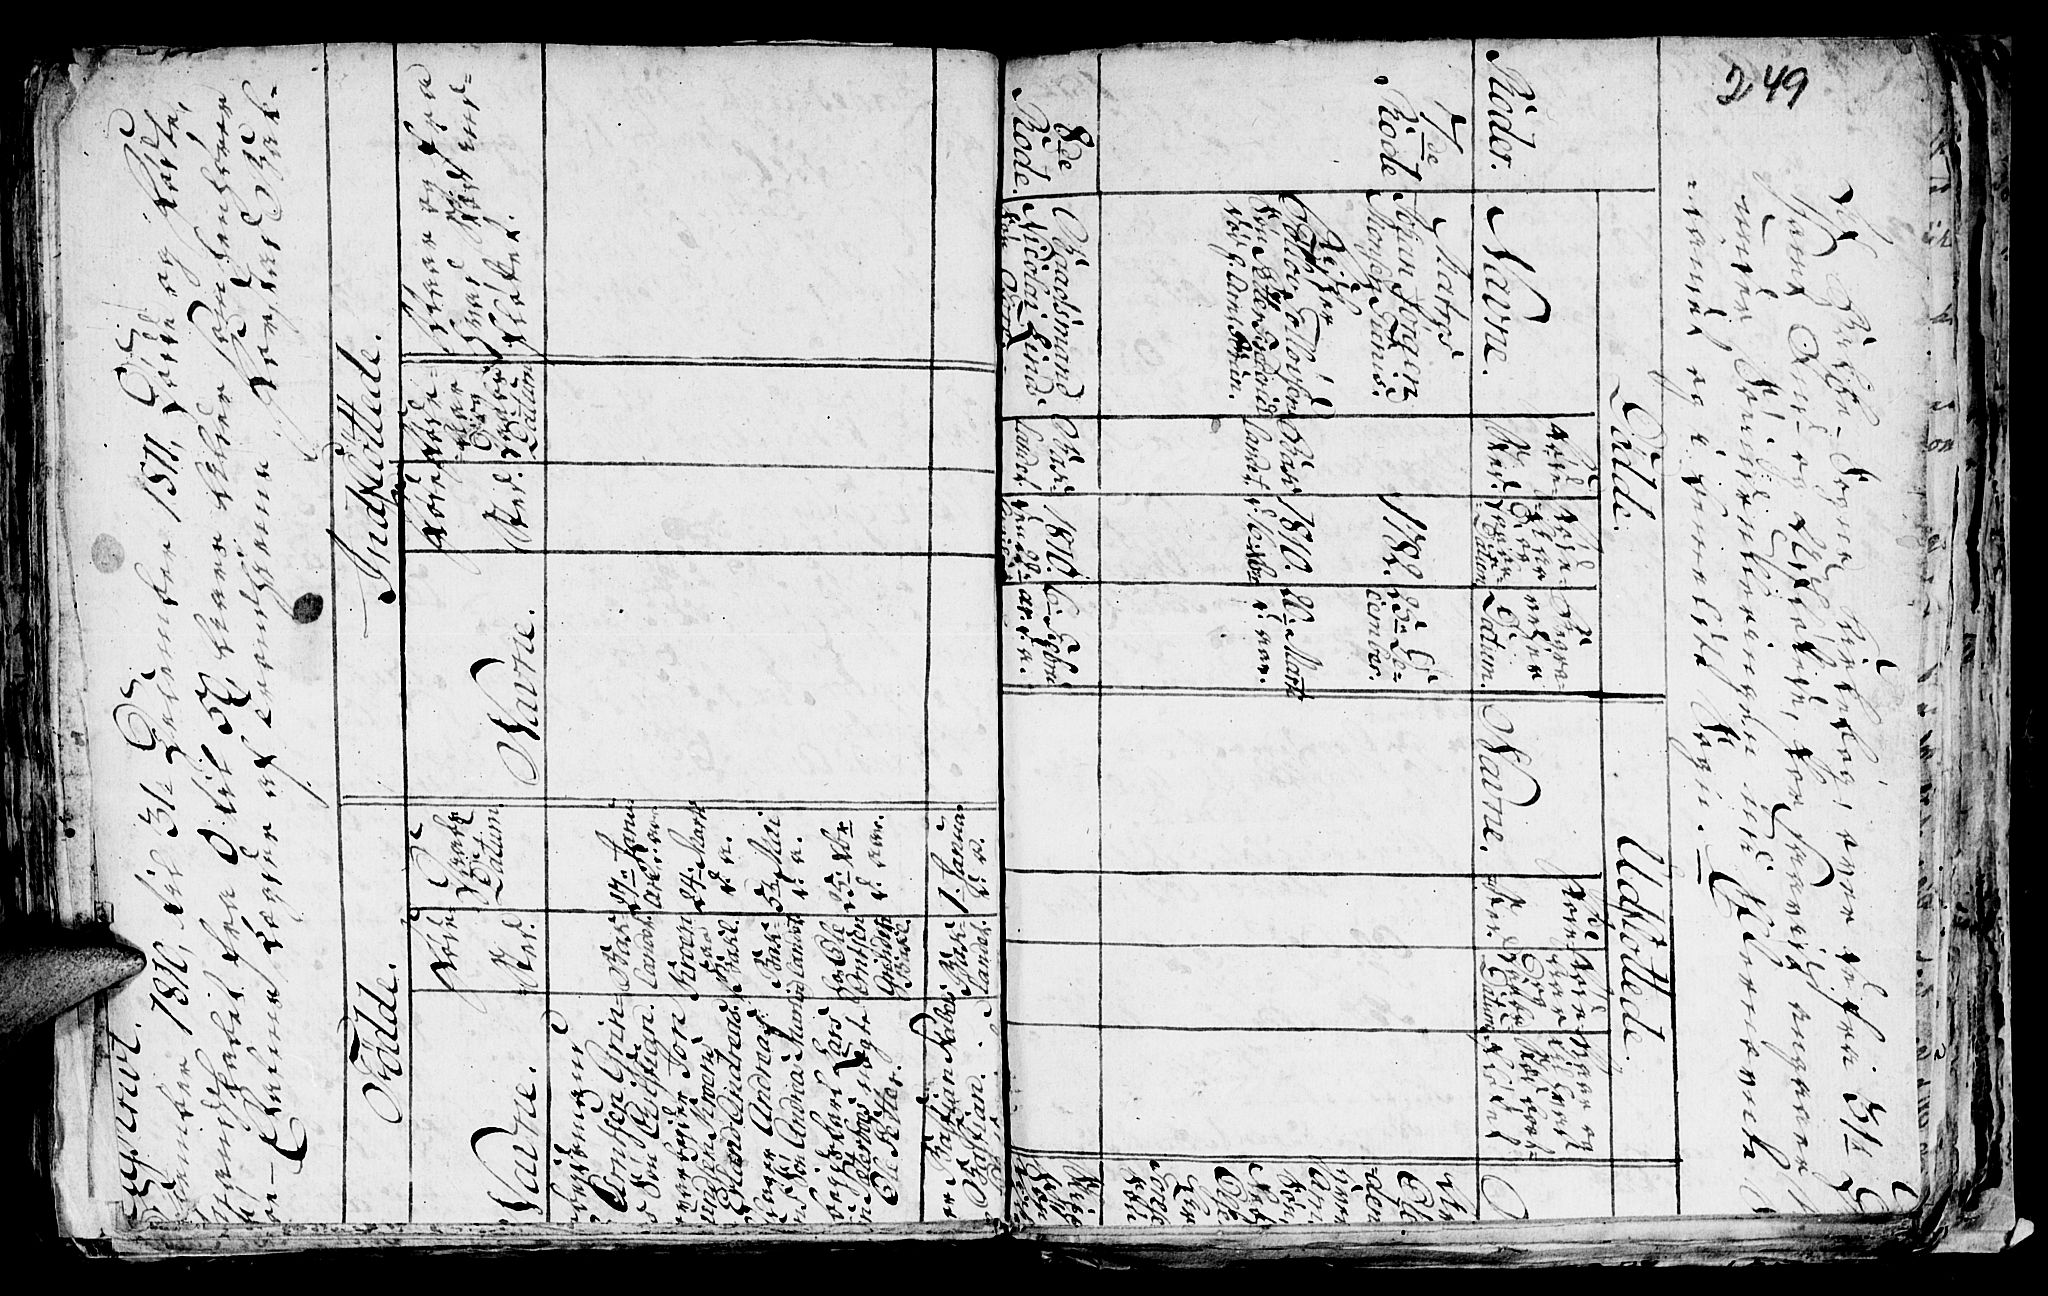 SAT, Ministerialprotokoller, klokkerbøker og fødselsregistre - Sør-Trøndelag, 606/L0305: Klokkerbok nr. 606C01, 1757-1819, s. 249